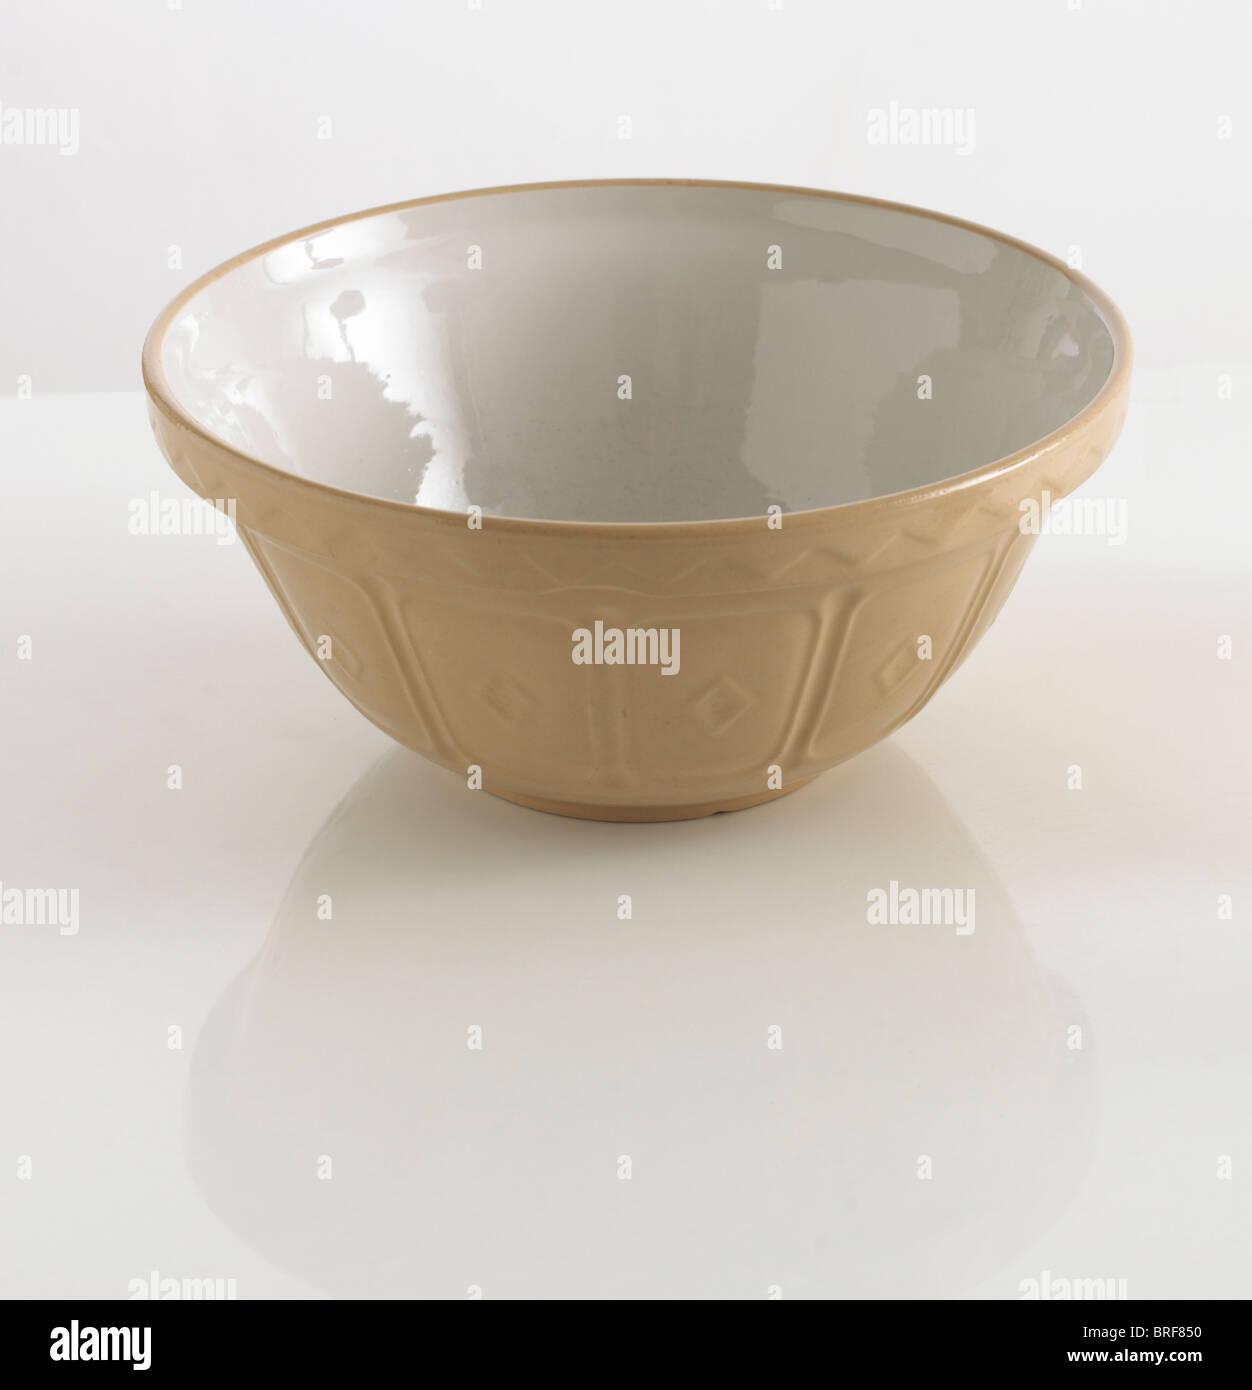 Large empty mixing bowl on white background - Stock Image